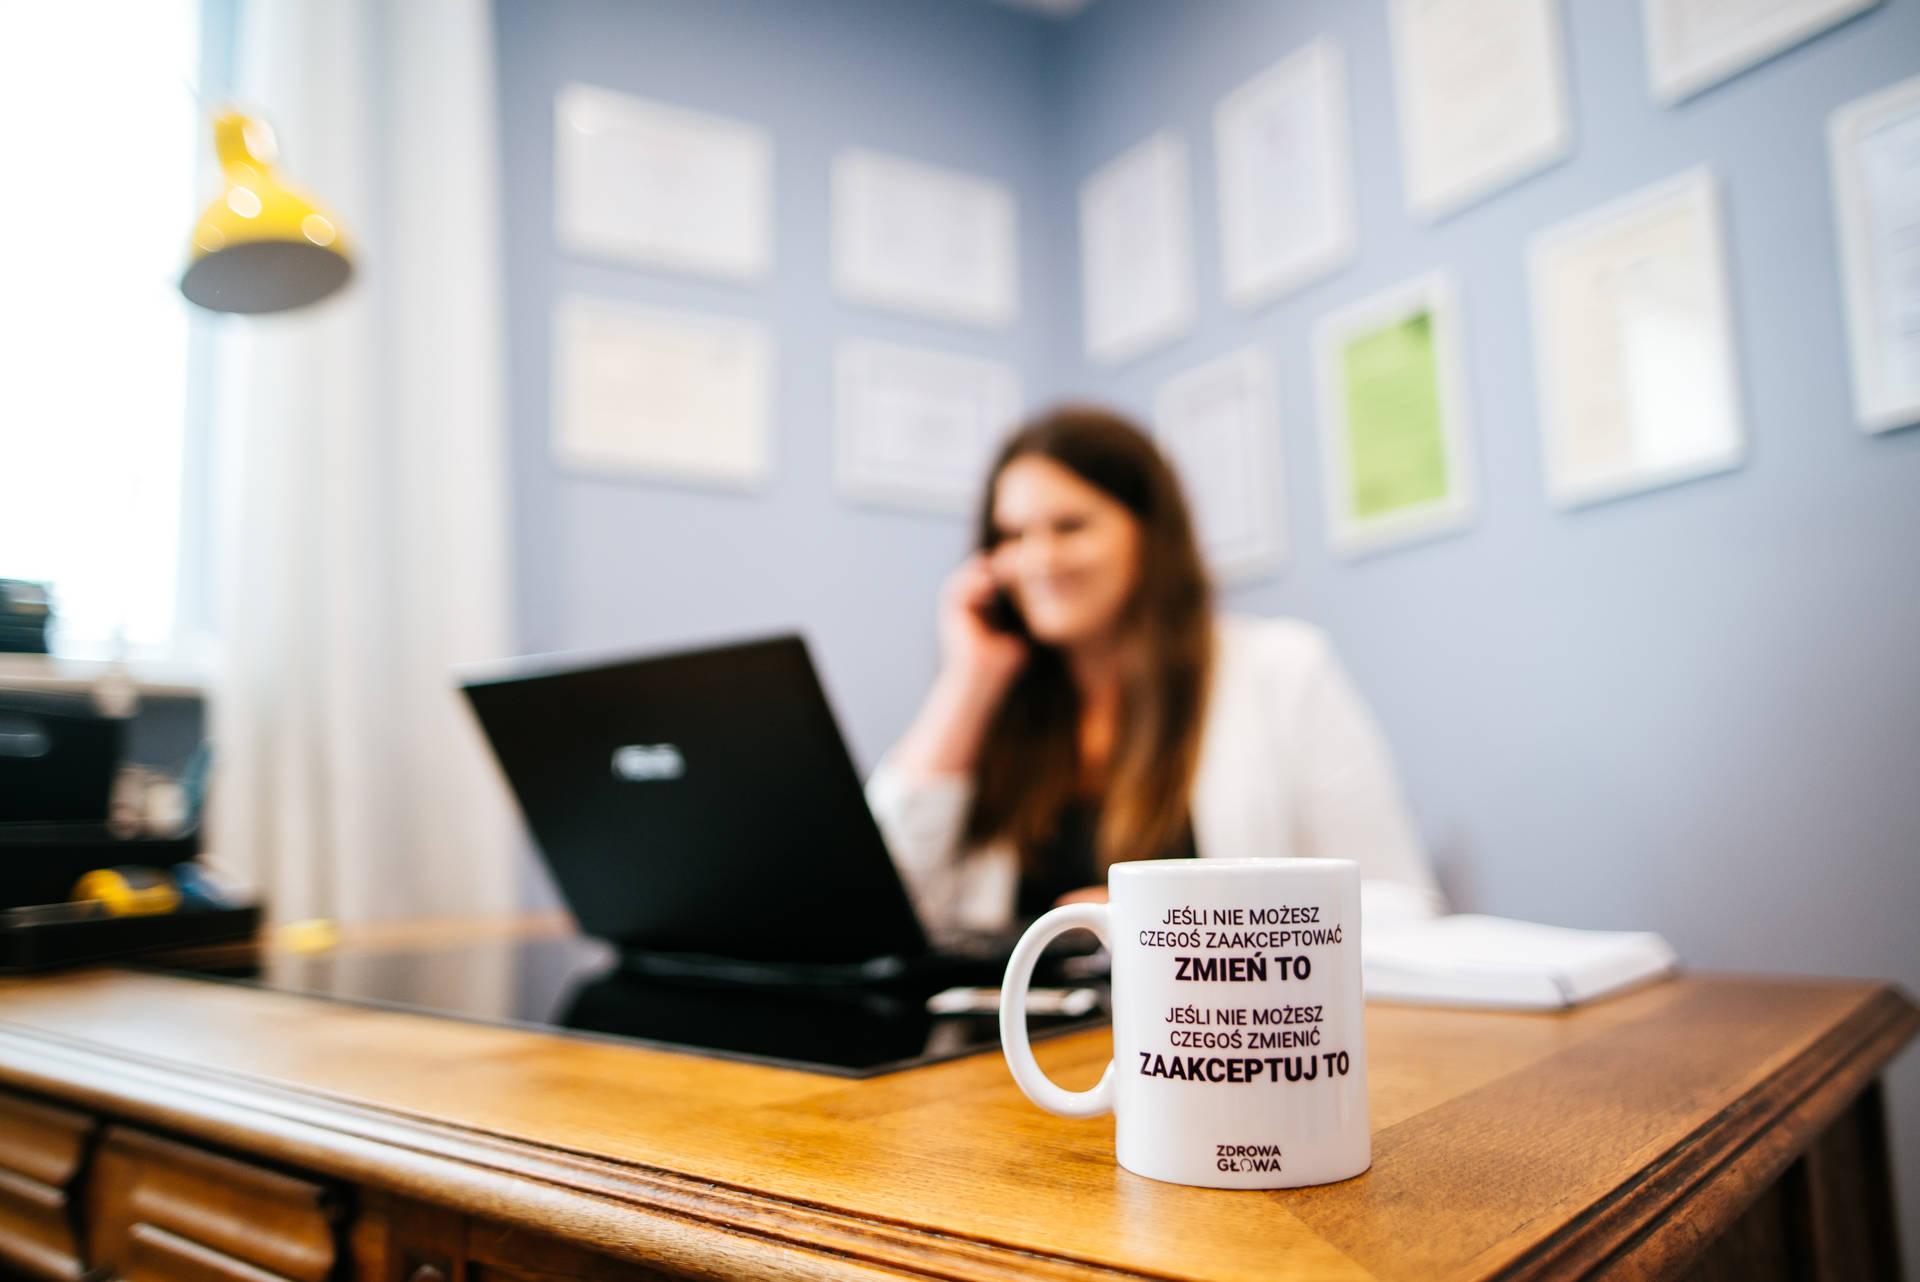 Biznesowa sesja zdjęciowa dla małego przedsiębiorstwa (gabinetu psychologicznego), zrealizowana w całości w Bordnicy, w województwie kujawsko-pomorskim